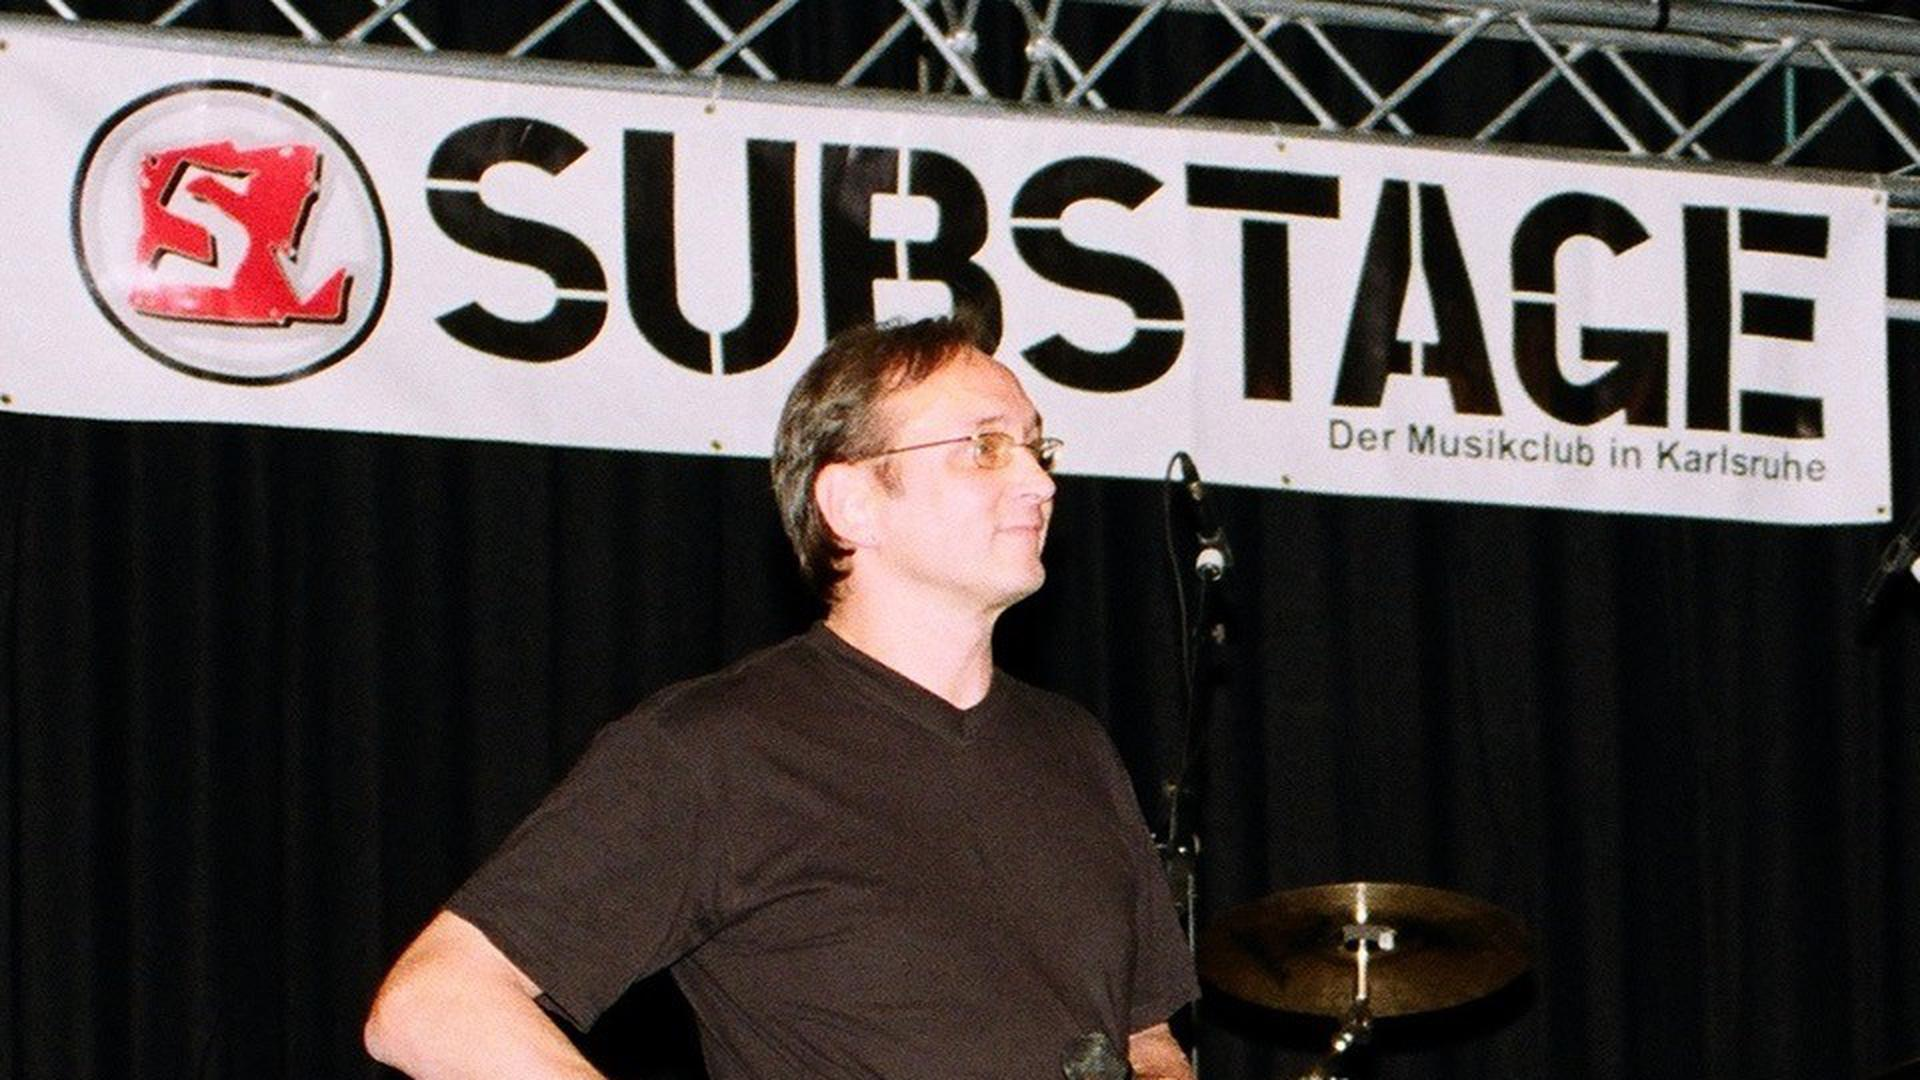 Andreas Schorpp, Mitgründer und 1. Vorsitzender des Substage Karlsruhe e.V.